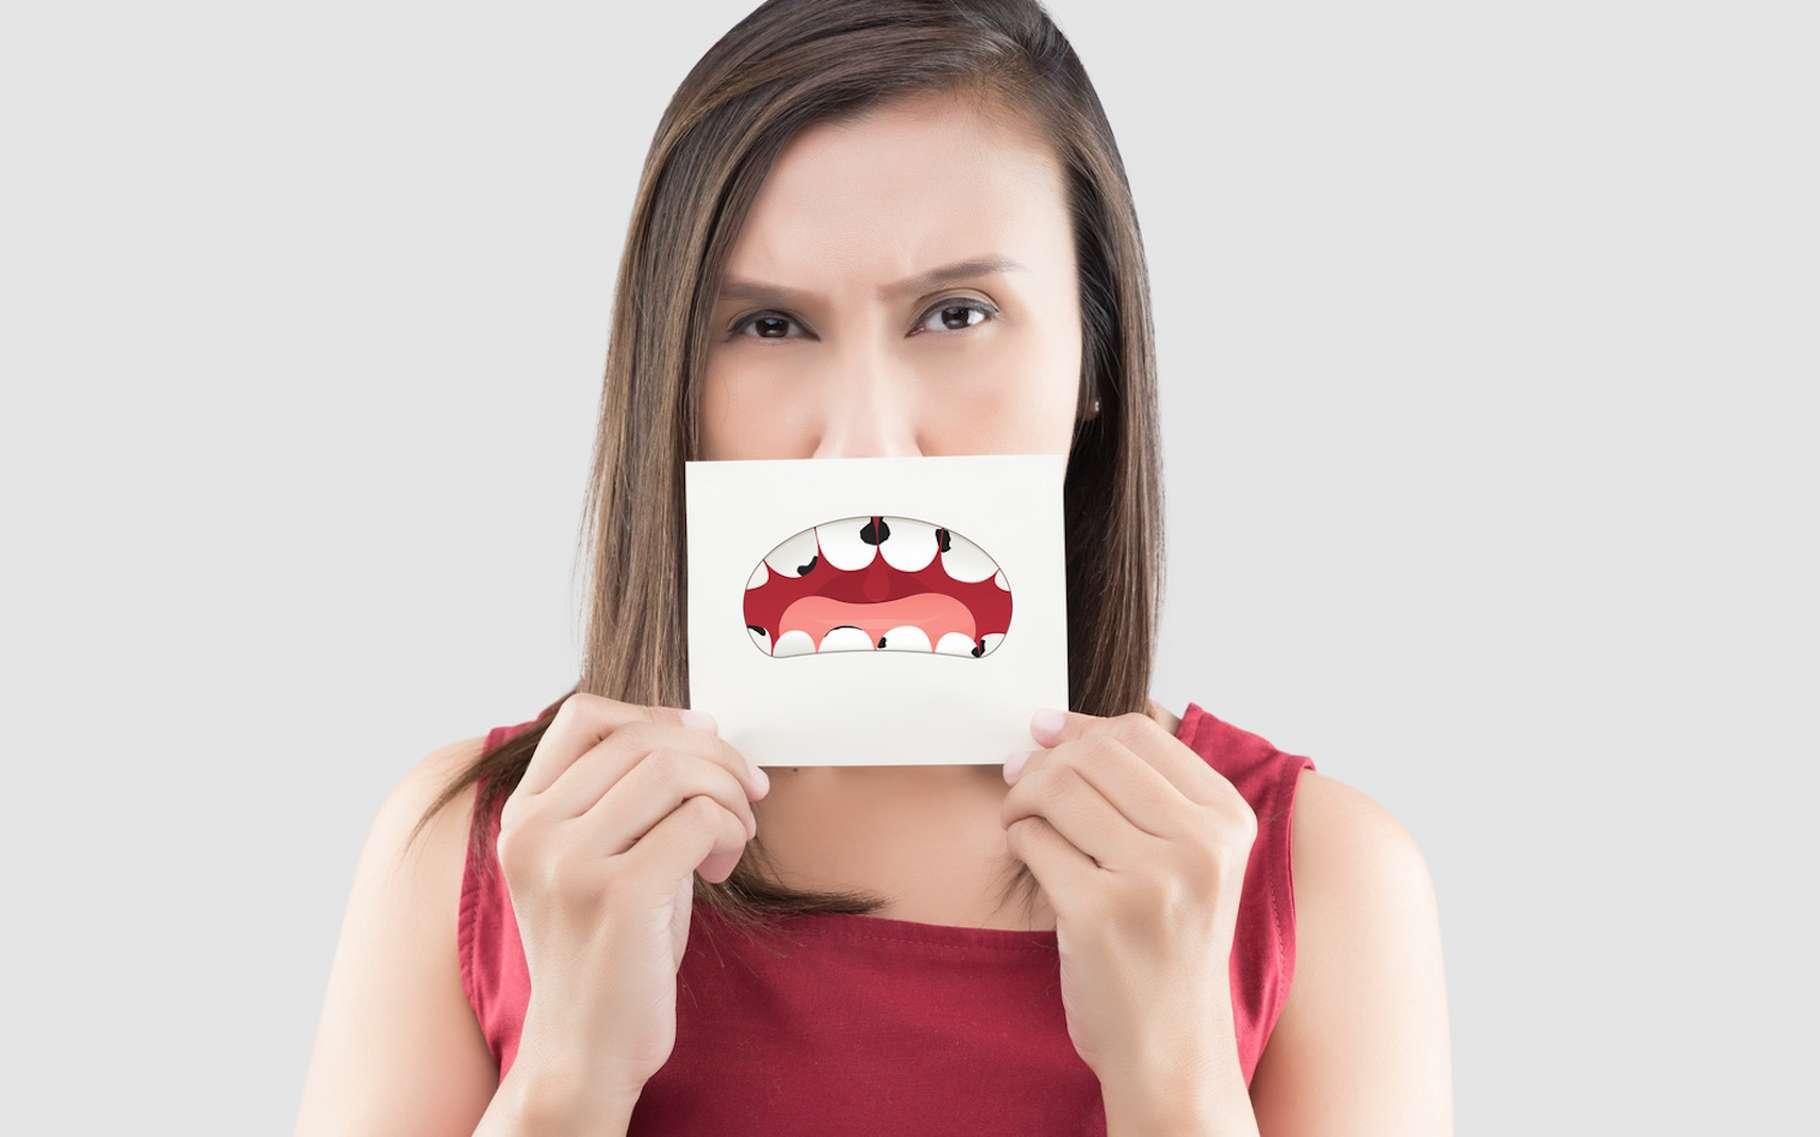 Une carie apparaît lorsque des bactéries détruisent l'émail, puis la dentine de nos dents. Mais, selon des chercheurs canadiens, le processus pourrait être aggravé par notre propre système immunitaire. © Adiano, Fotolia